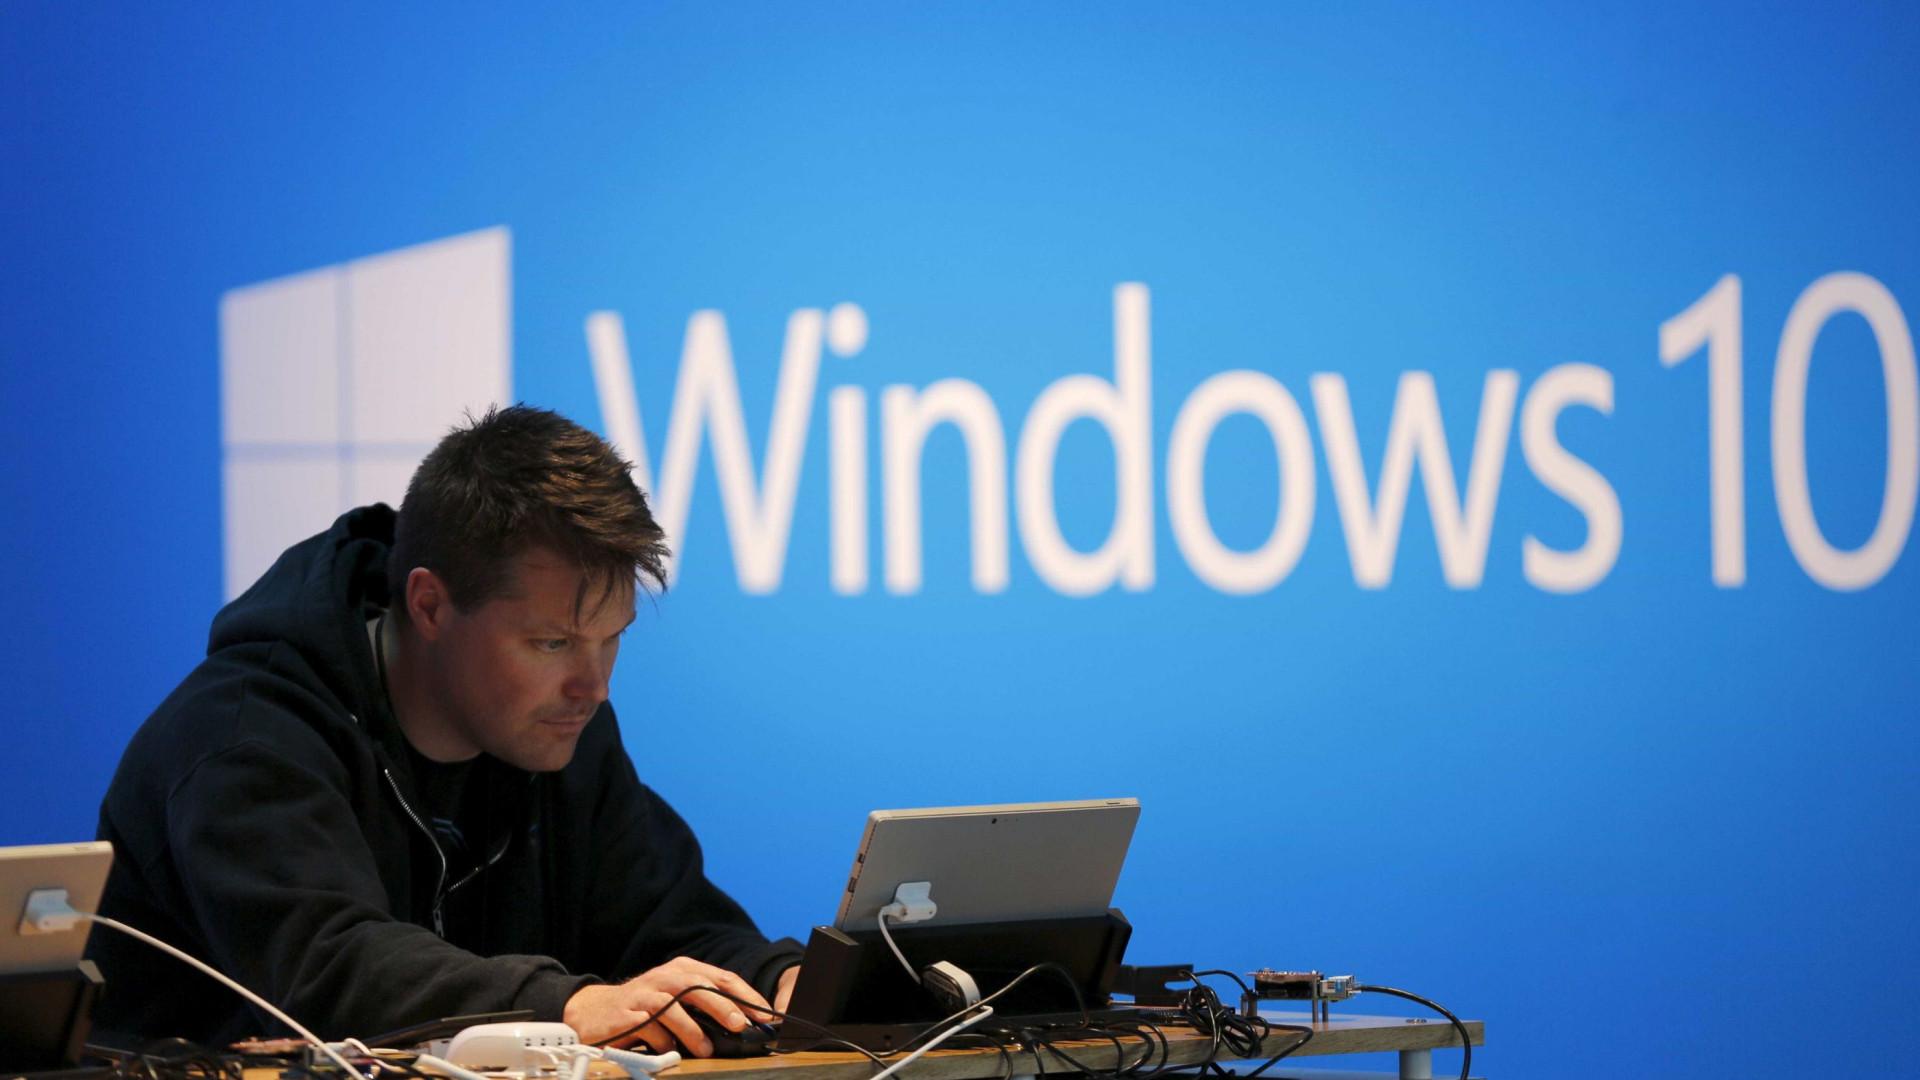 Erro em atualização para Windows 10 apaga arquivos sem aviso